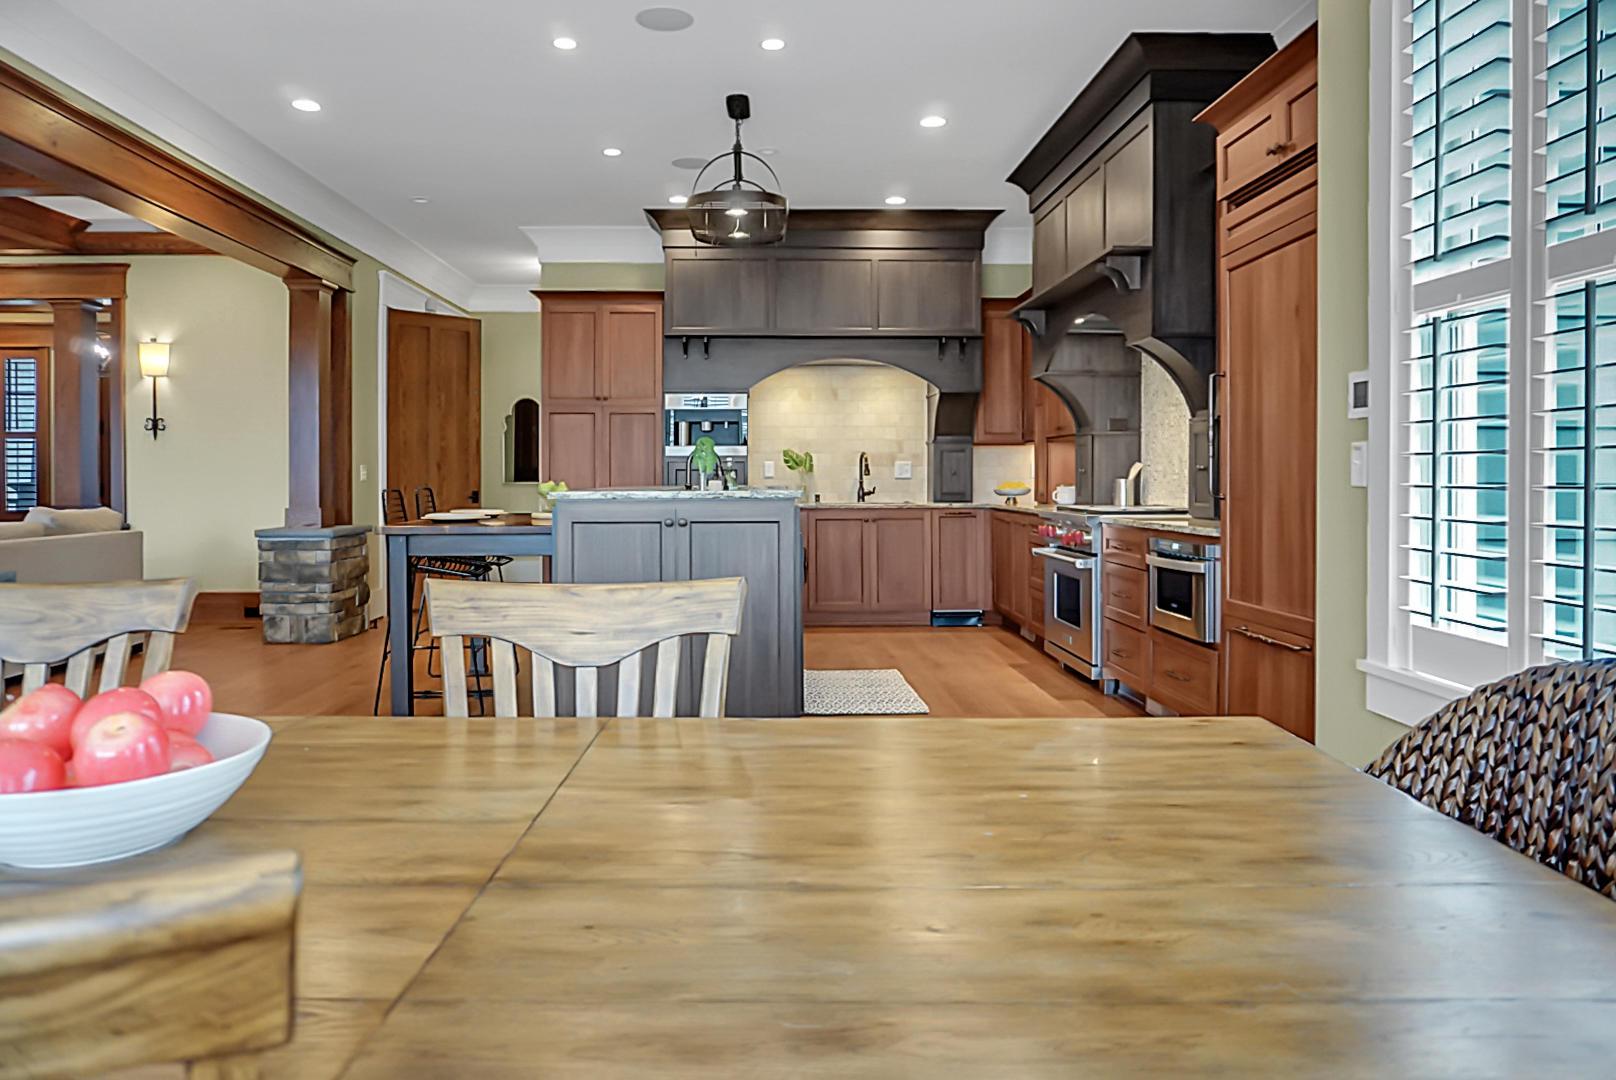 Dunes West Homes For Sale - 2978 River Vista, Mount Pleasant, SC - 56